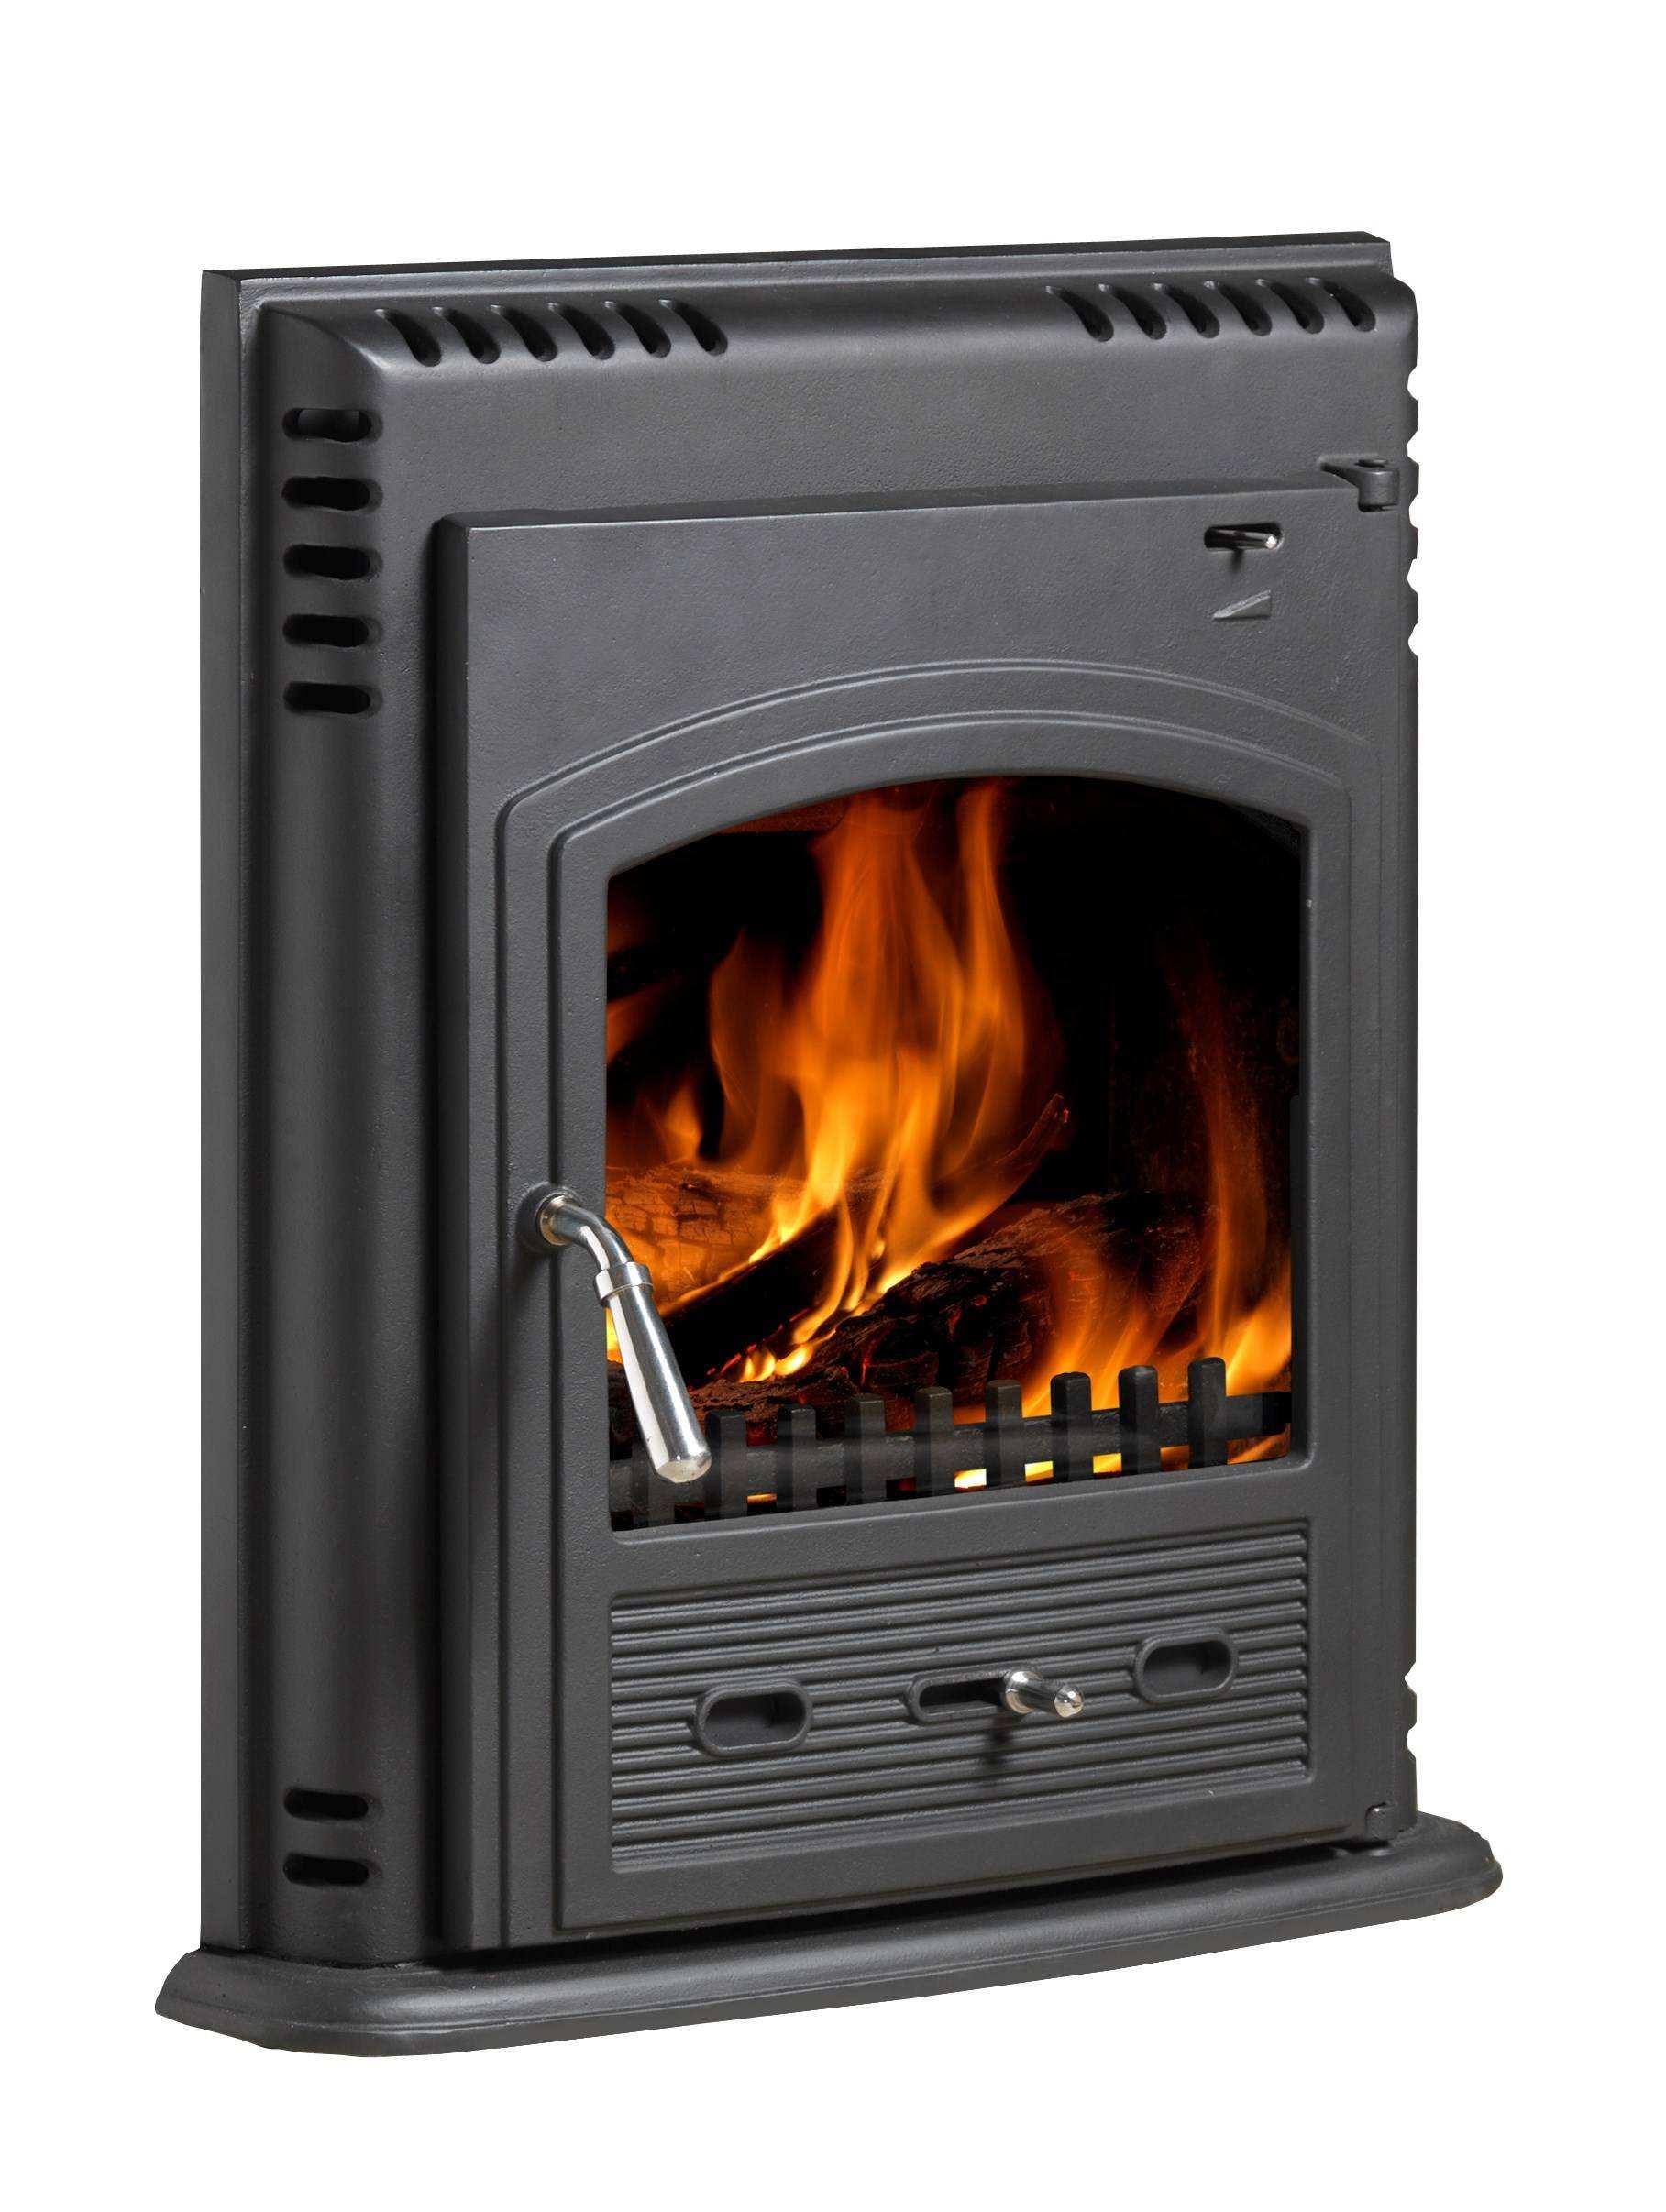 dimplex stoves unique dimplex non boiler inset stove 4 3kw of dimplex stoves